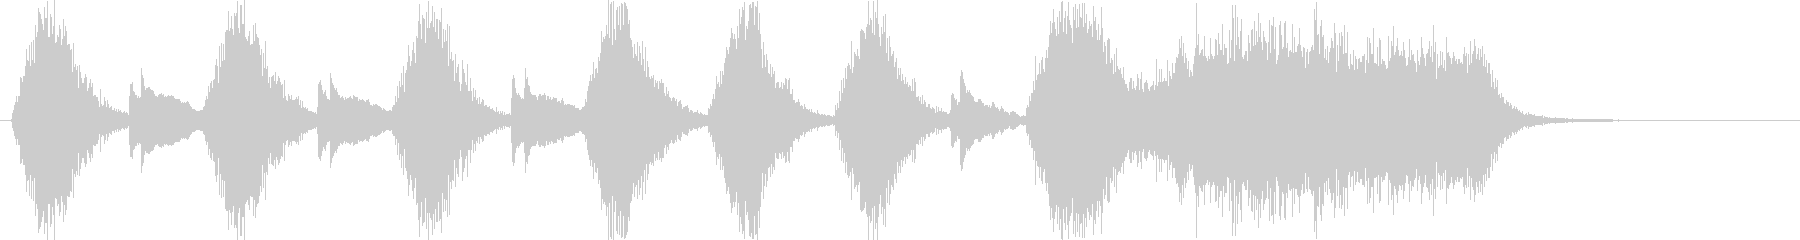 変則的な音階の弾みのあるピアノ音の未再生の波形